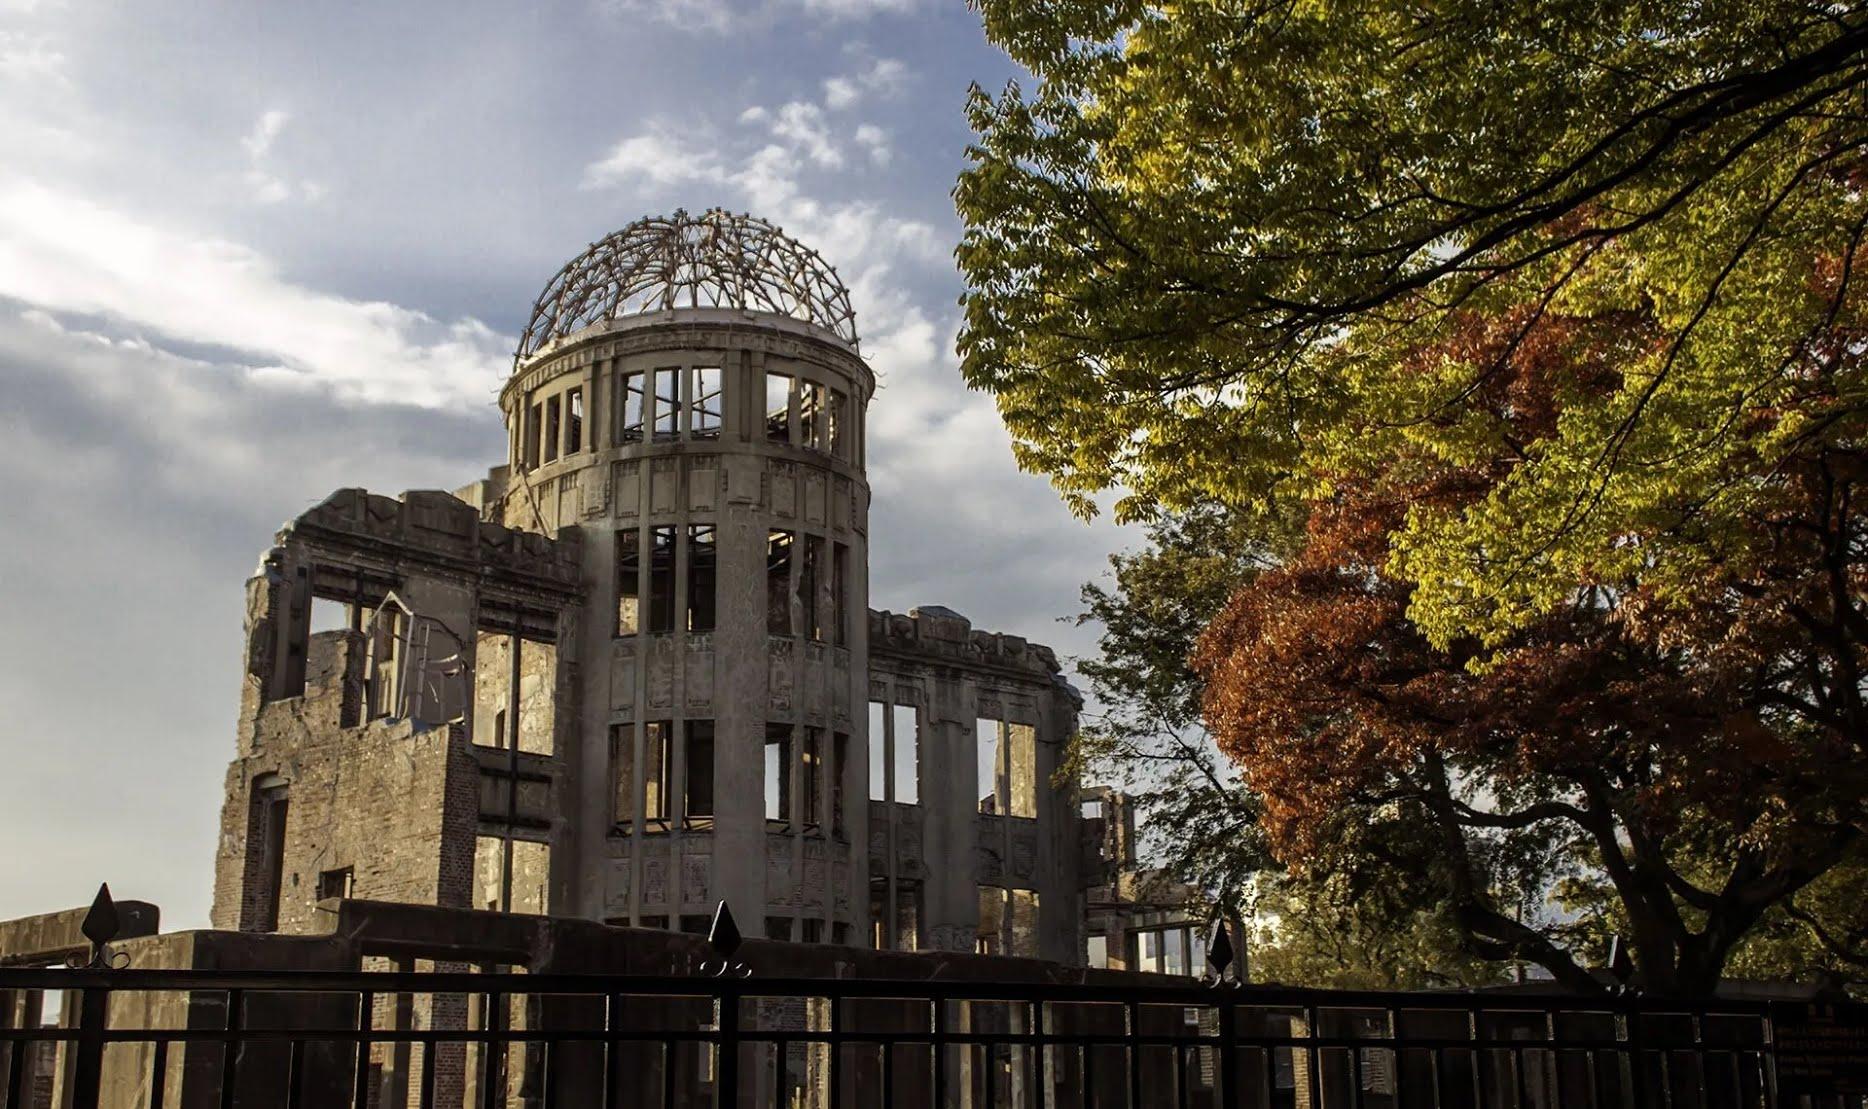 Знаменитый Купол Гэмбаку, до Второй мировой войны являвшийся Выставочным центром торгово-промышленной палаты Хиросимы